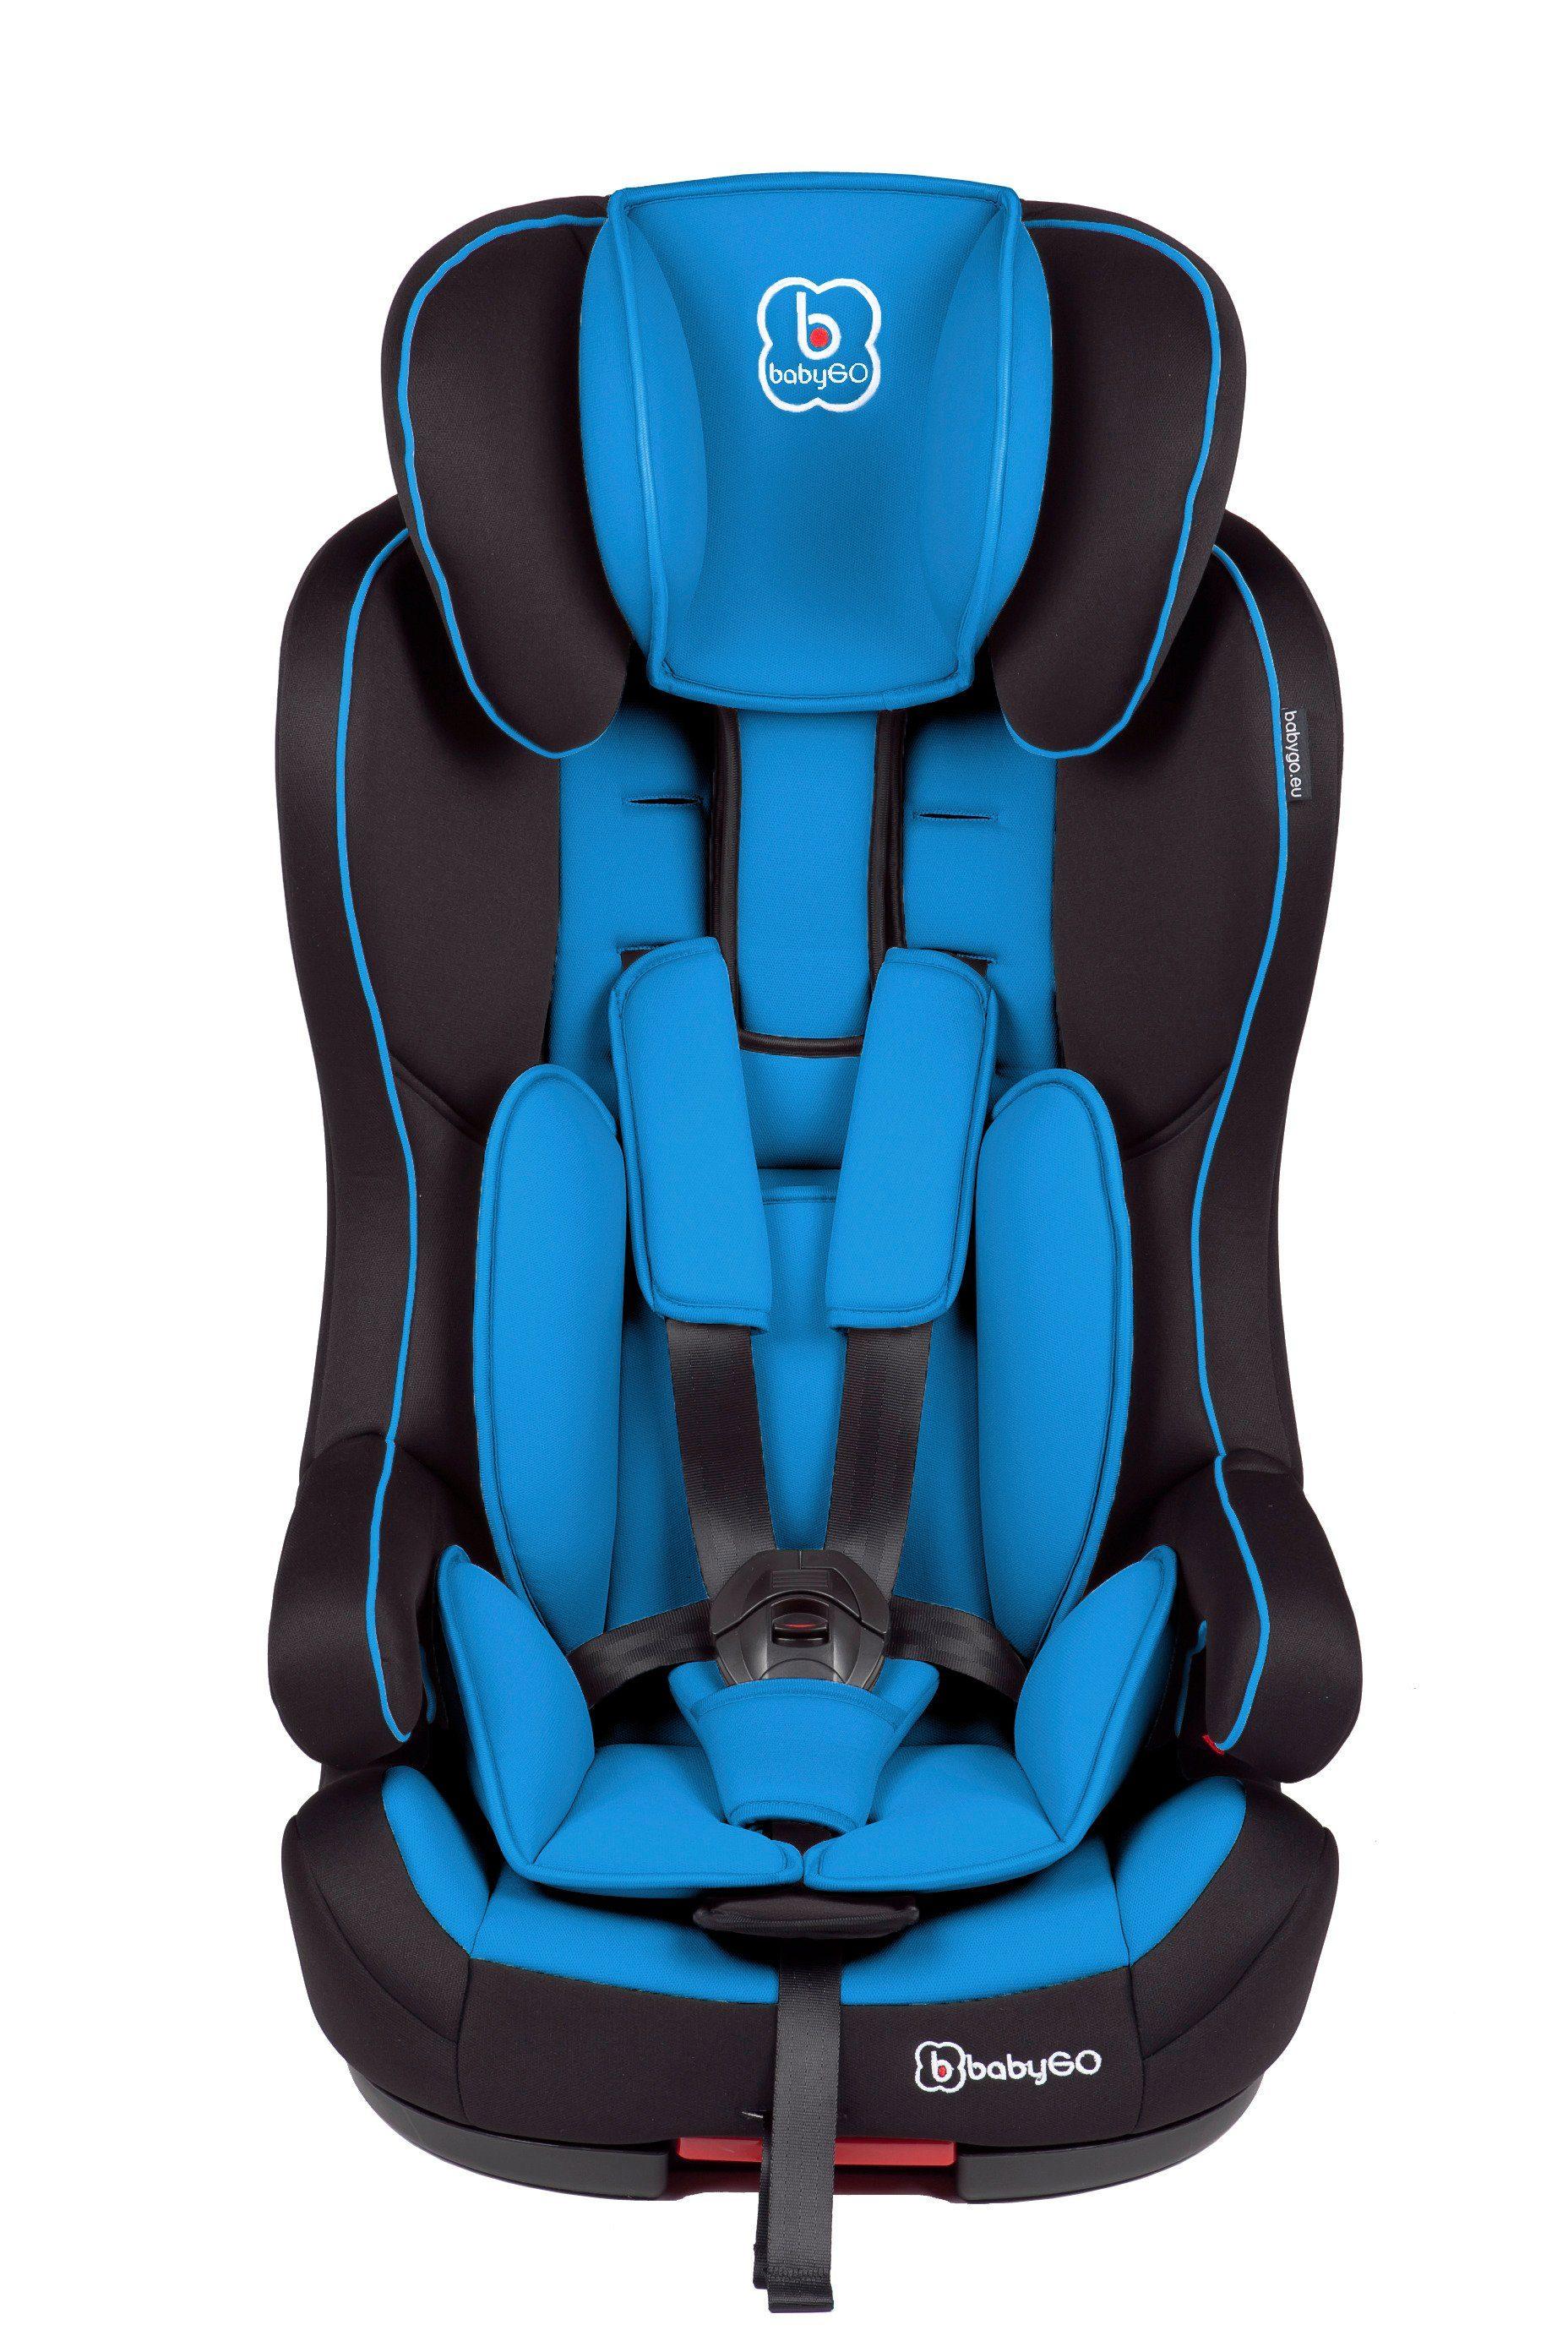 Babygo Kindersitz »BabyGO Iso blue«